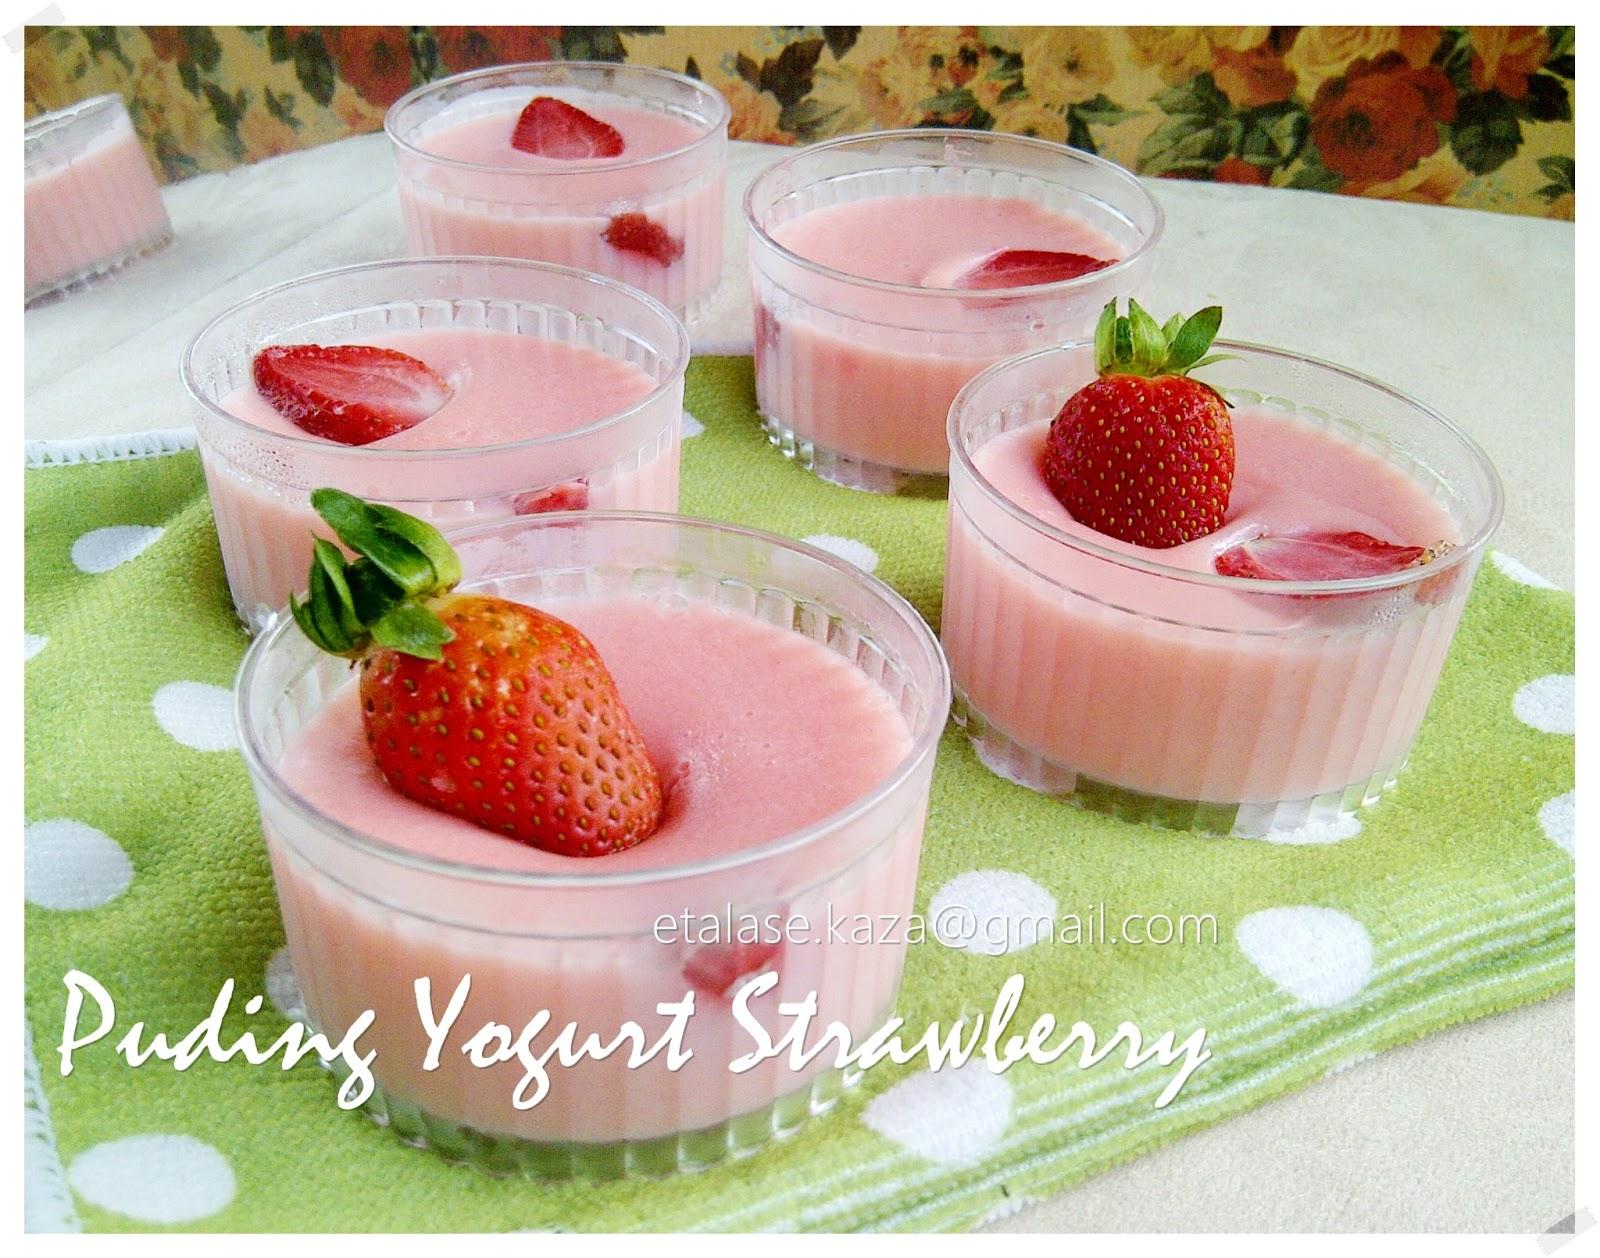 Etalase KAZA Puding Yogurt Strawberry